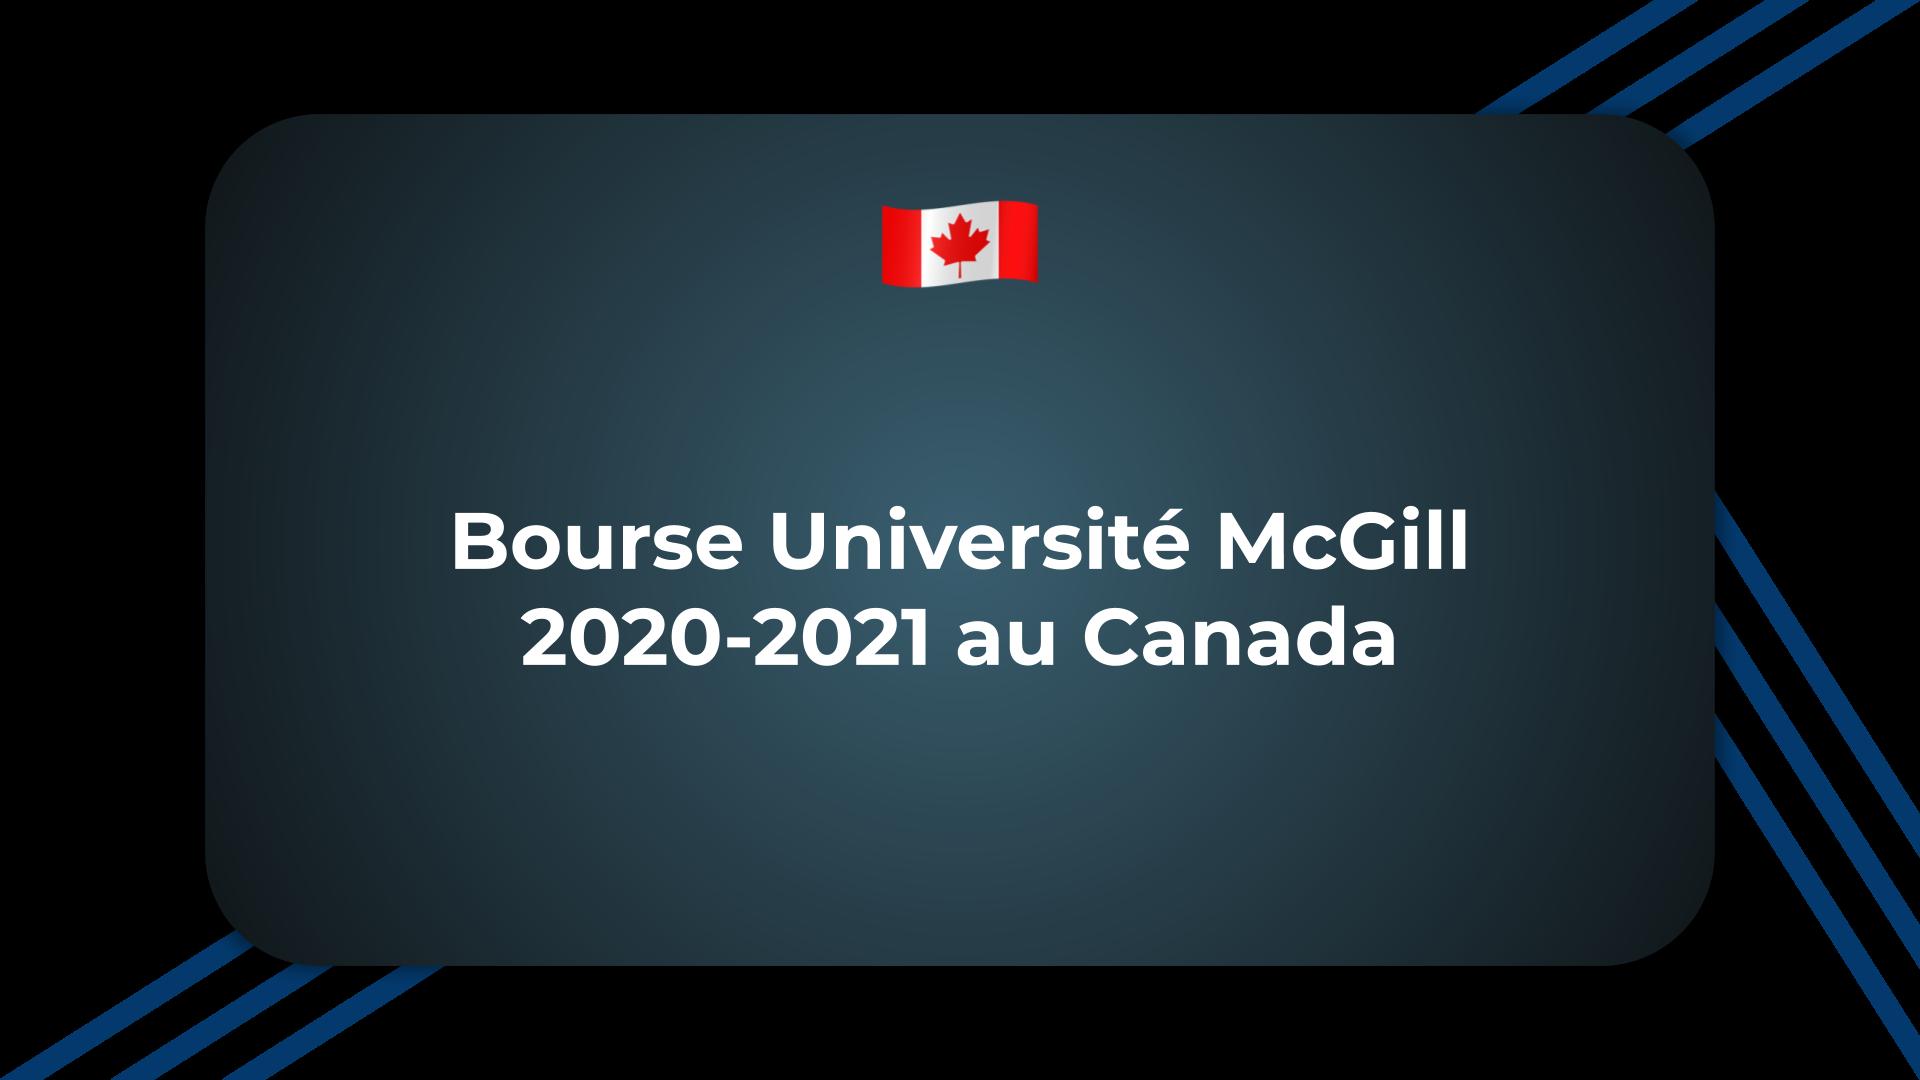 Bourse Université McGill